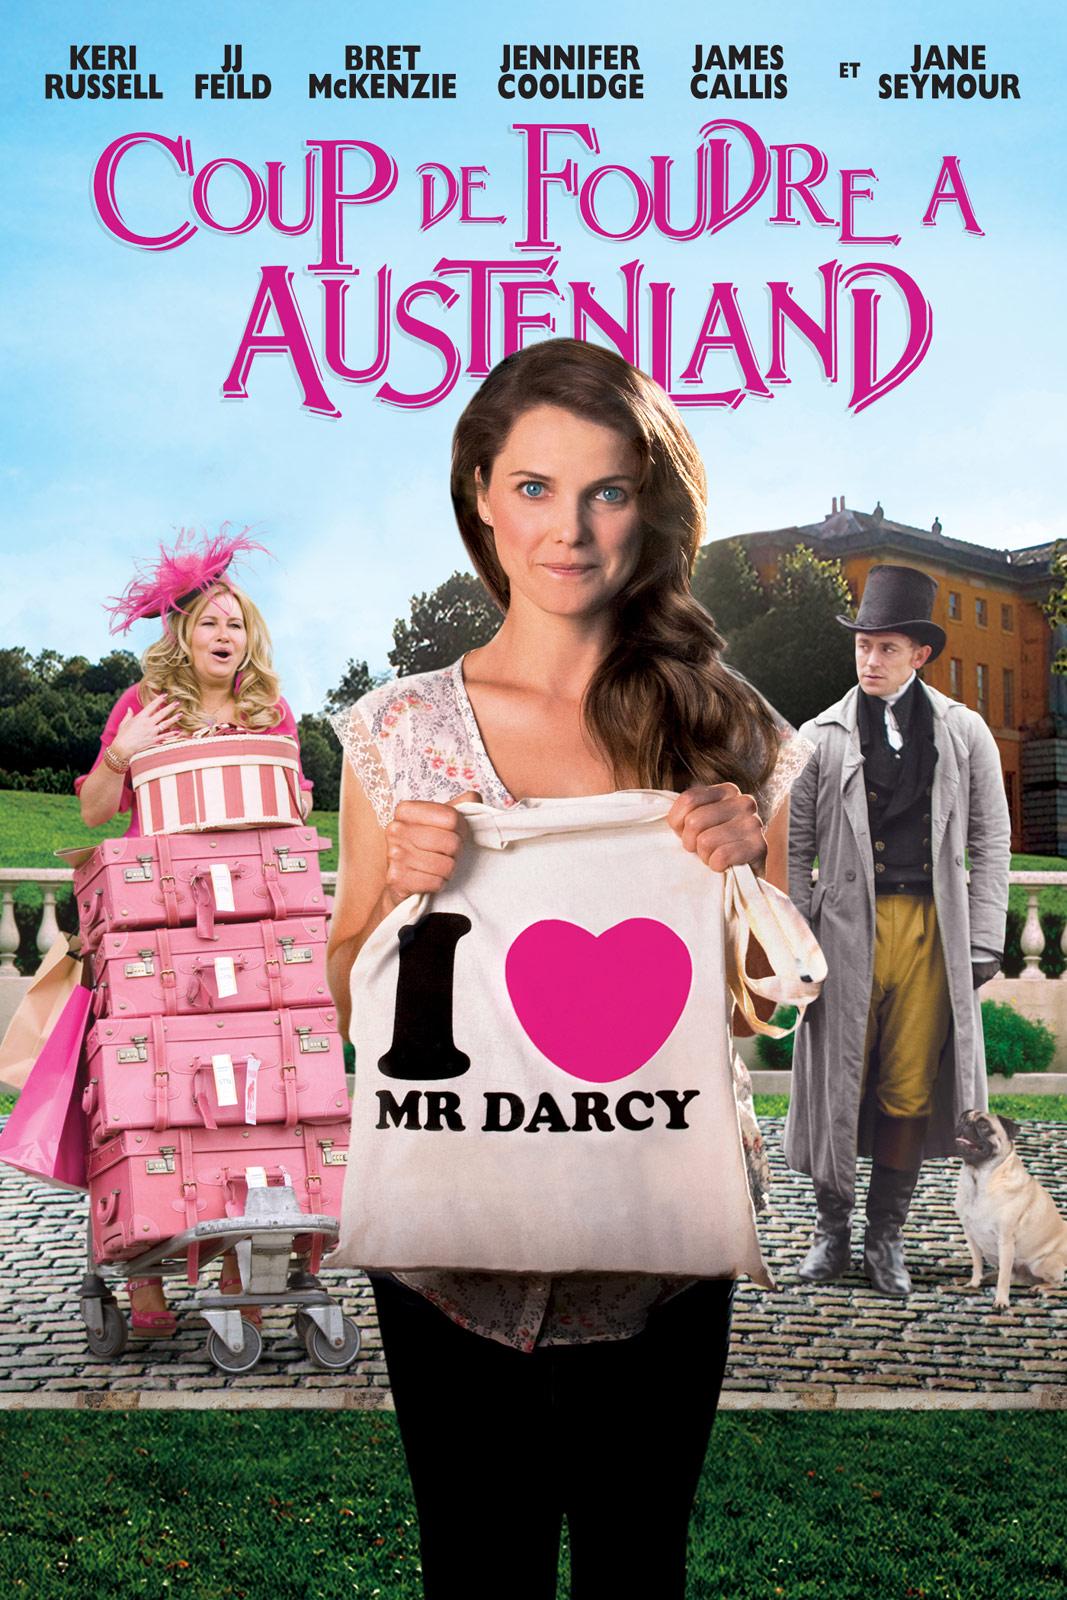 Coup de foudre austenland film 2013 allocin - Regarder coup de foudre a bollywood en streaming ...